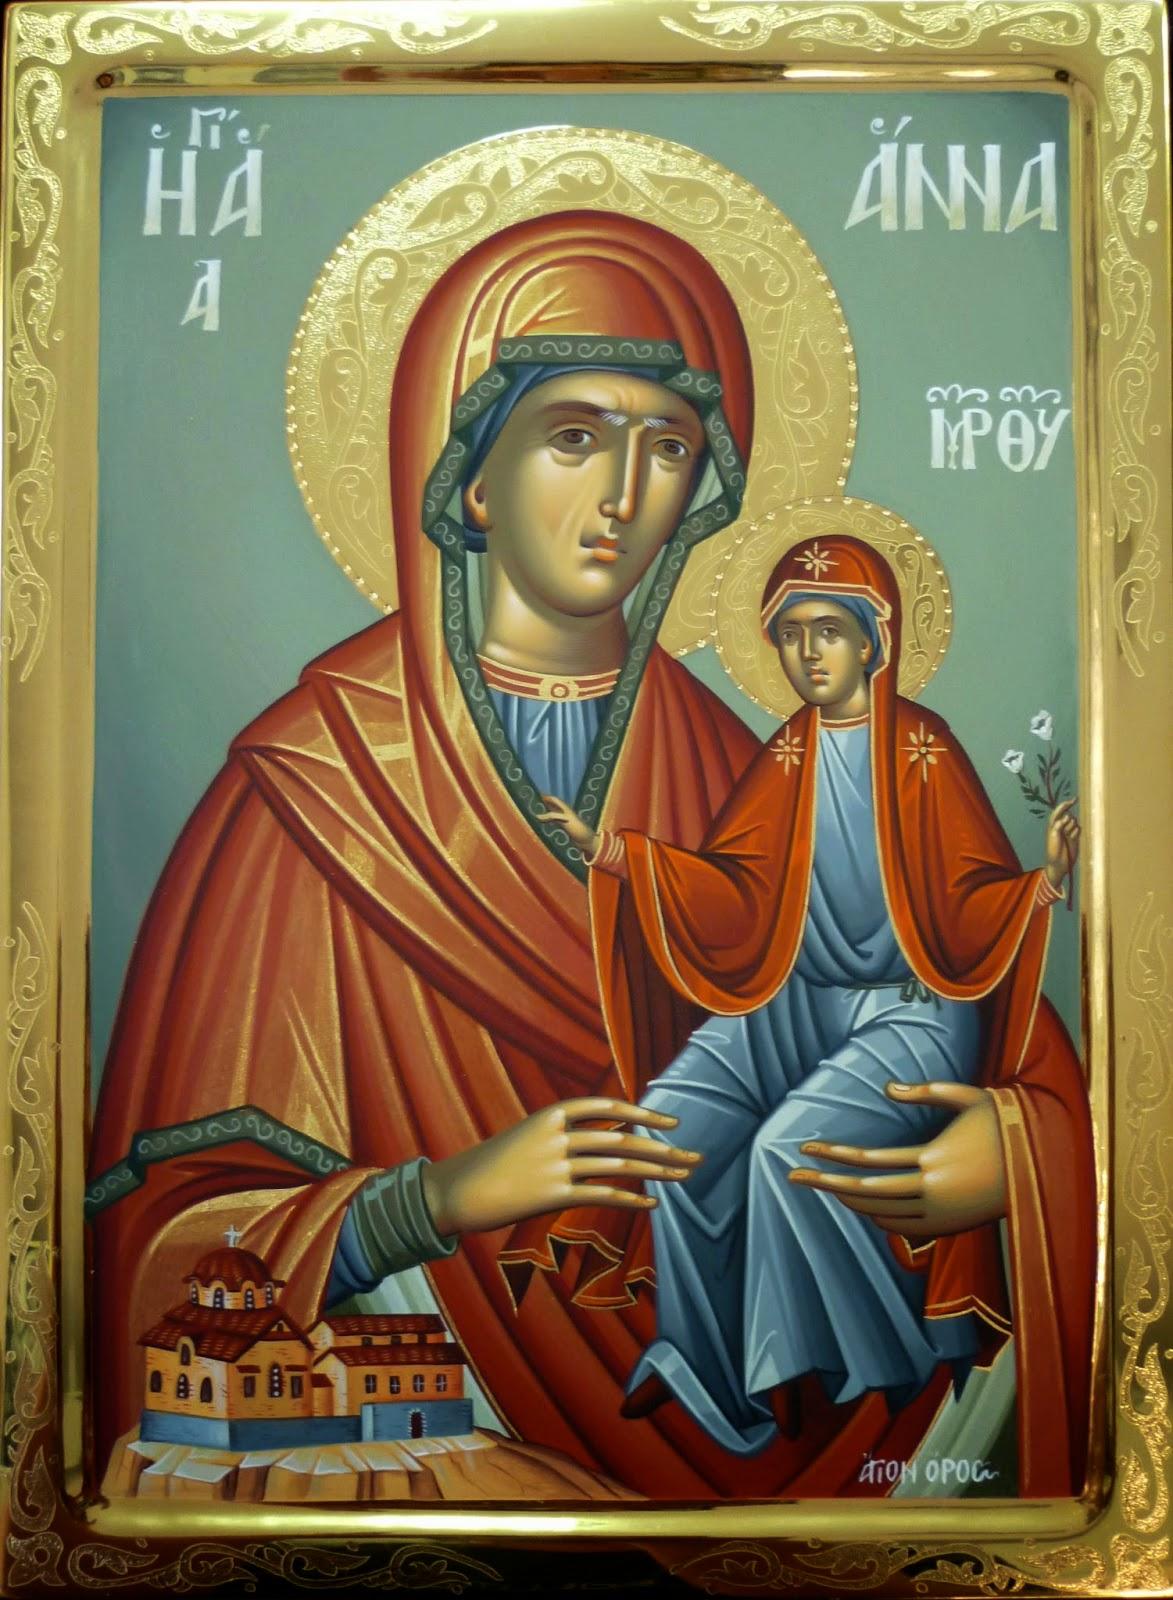 Αγία Άννα: η μητέρα της Παναγίας, η γιαγιά Του Χριστού και η ξεχωριστή θέση στην Ορθόδοξη εκκλησία